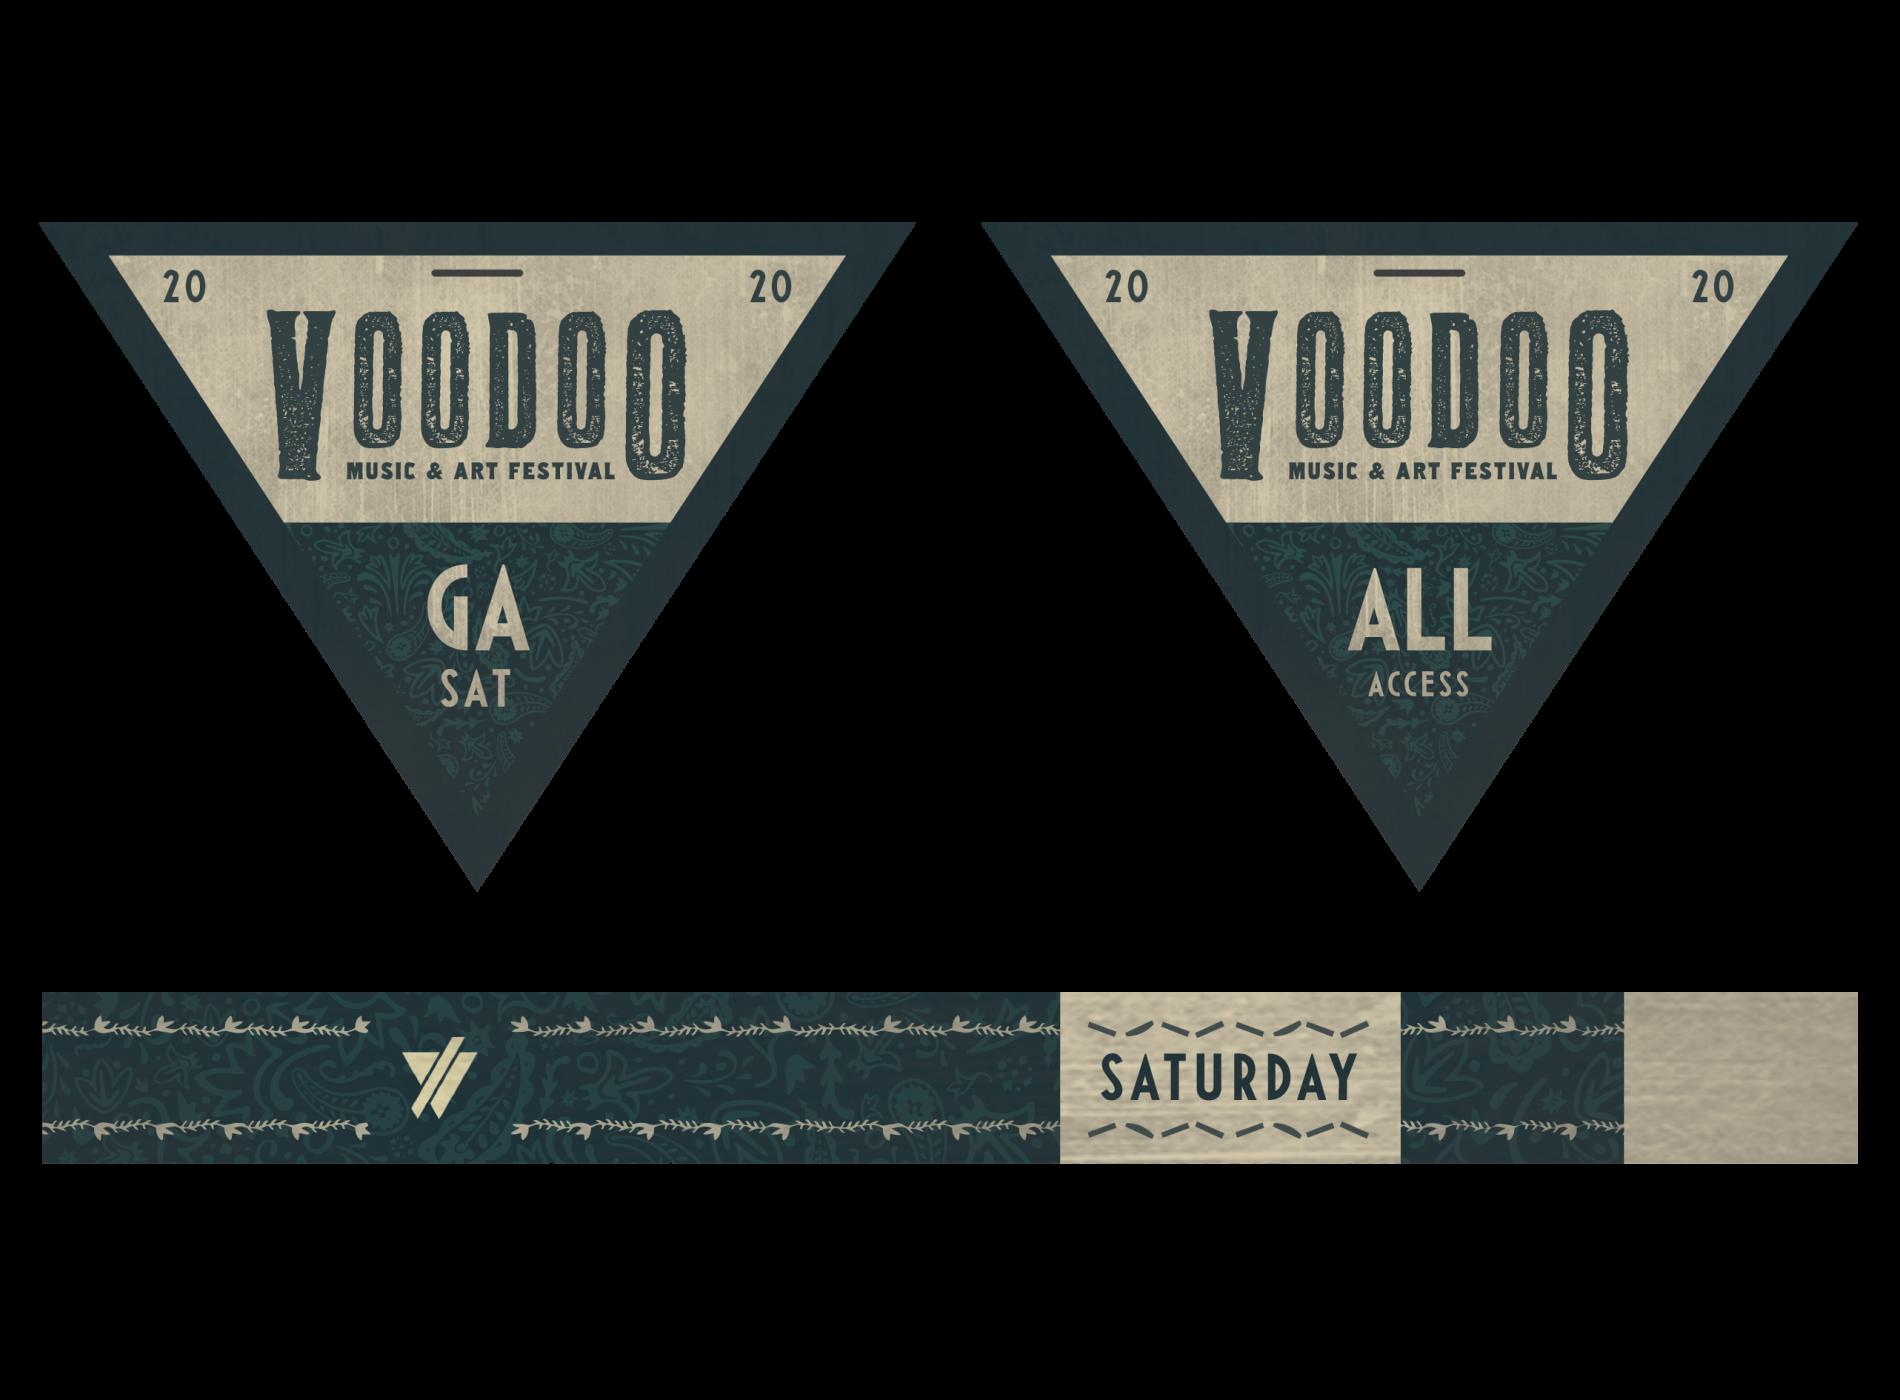 Voodoo-WB&Tickets@2x